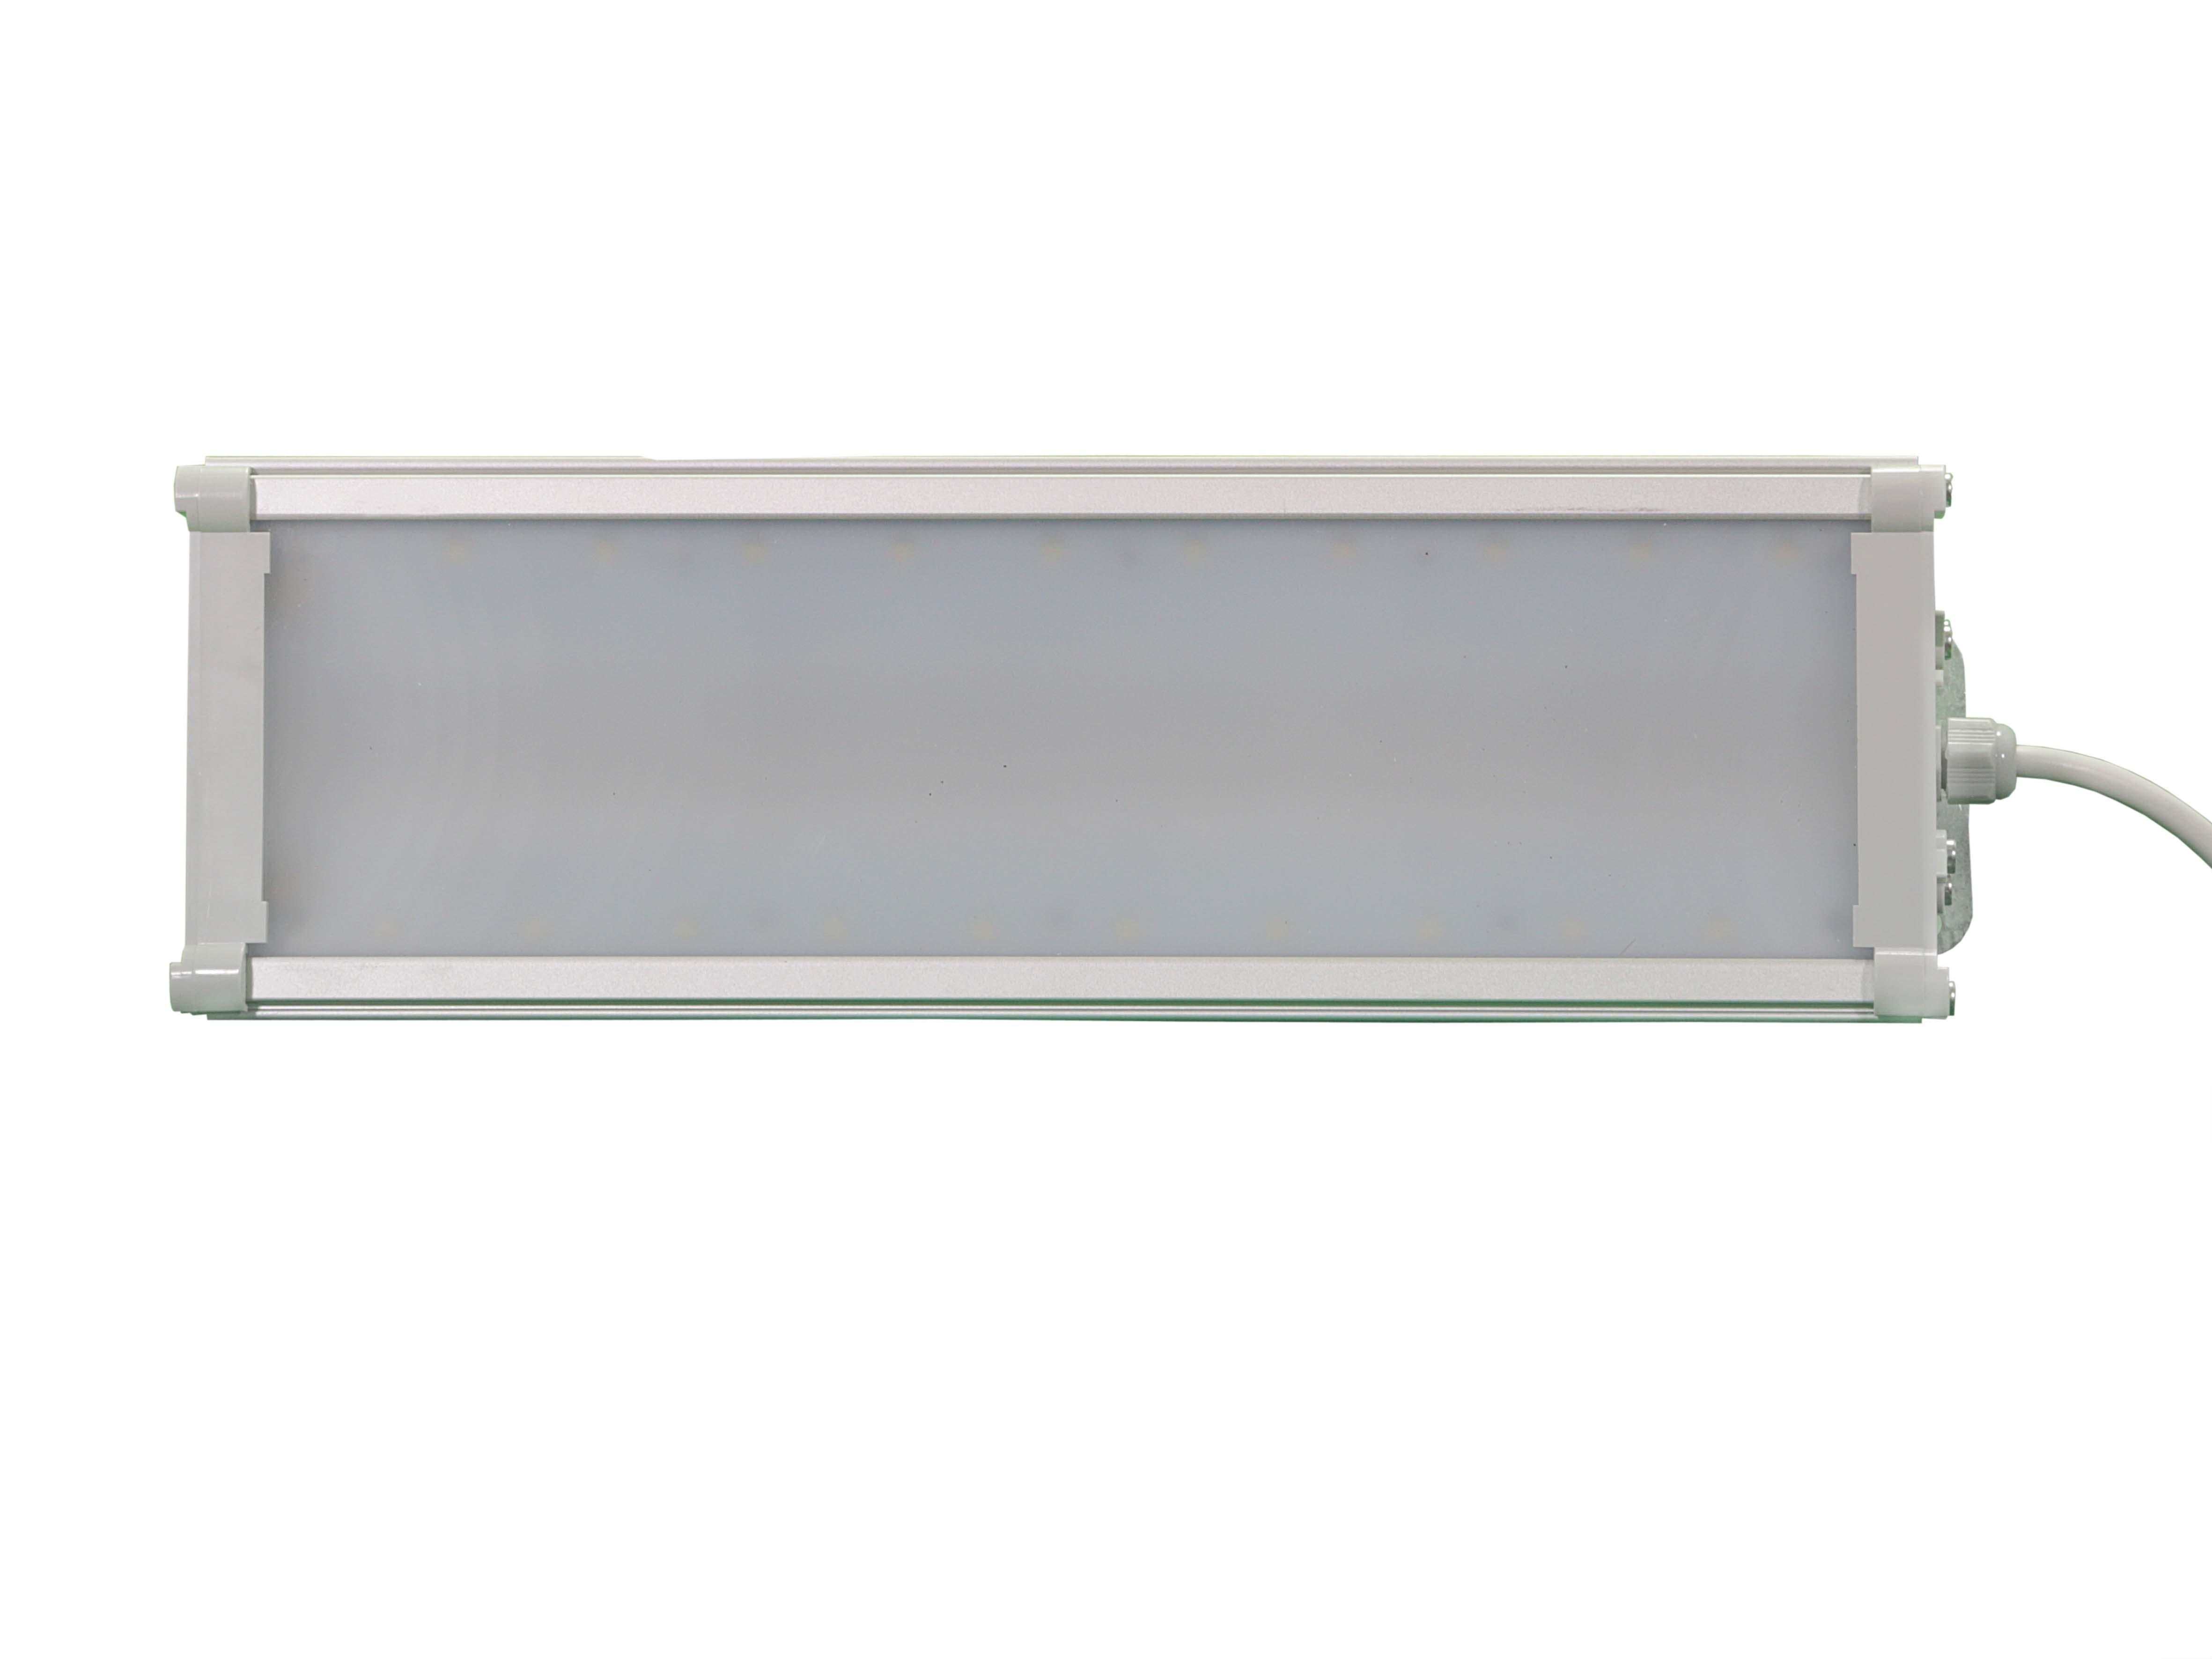 Офисный светодиодный светильник Армстронг Стандарт-25 25Вт 2825Лм